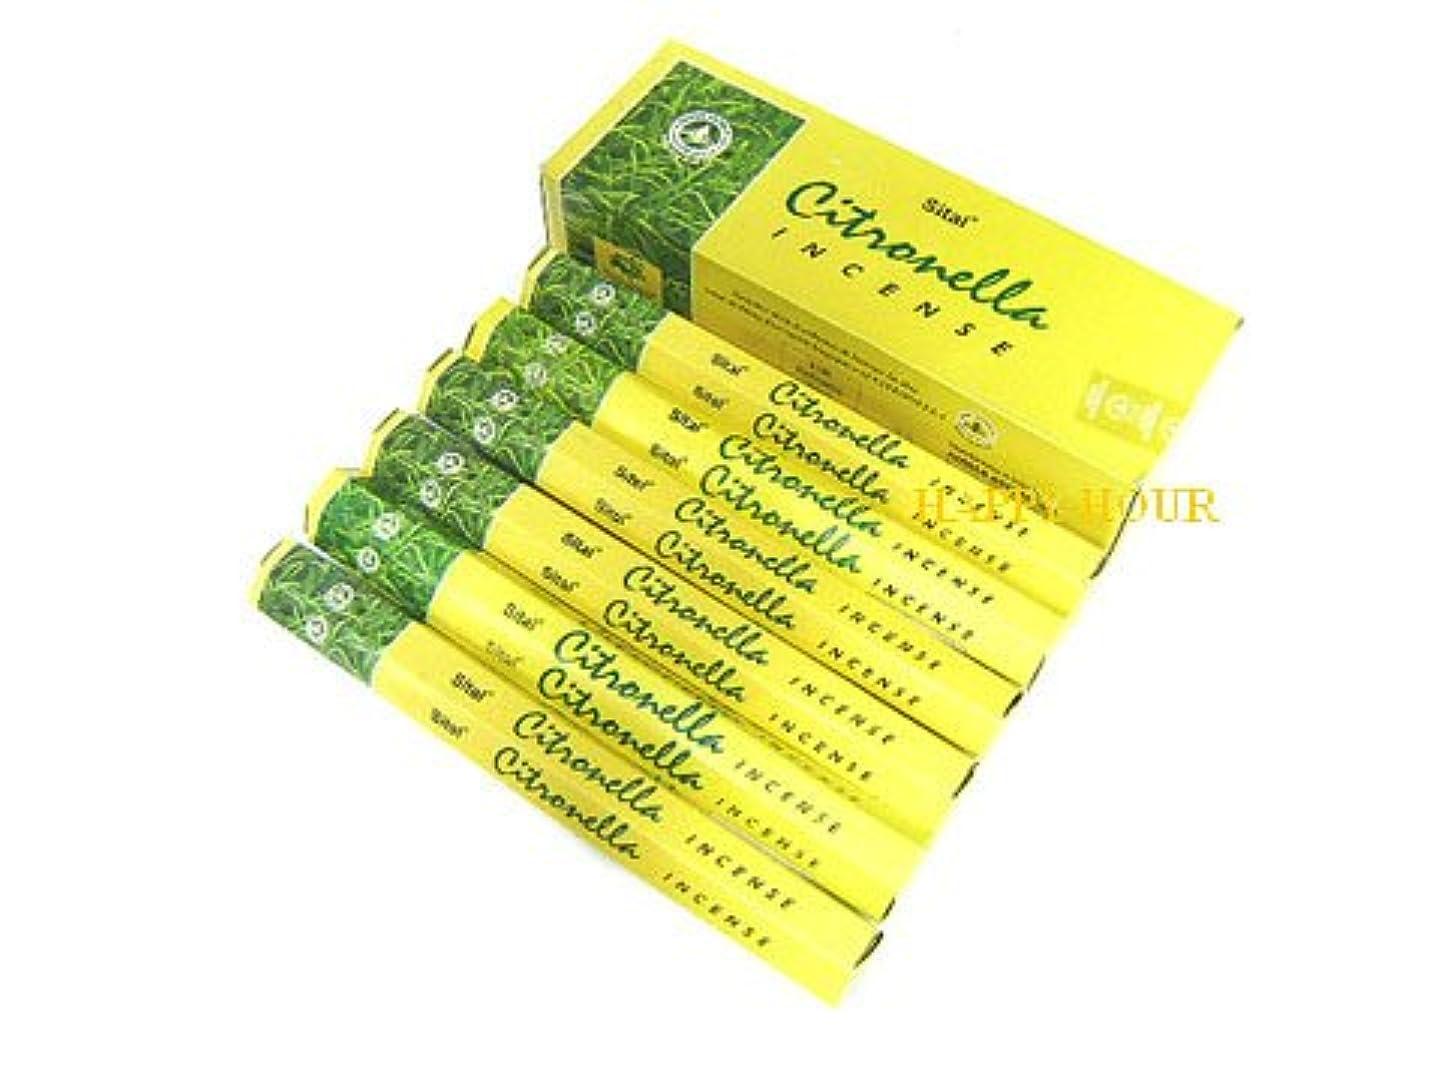 クリーナー郵便番号タクトSITAL(シタル) シタル シトロネラ香 スティック CITRONELLA 6箱セット